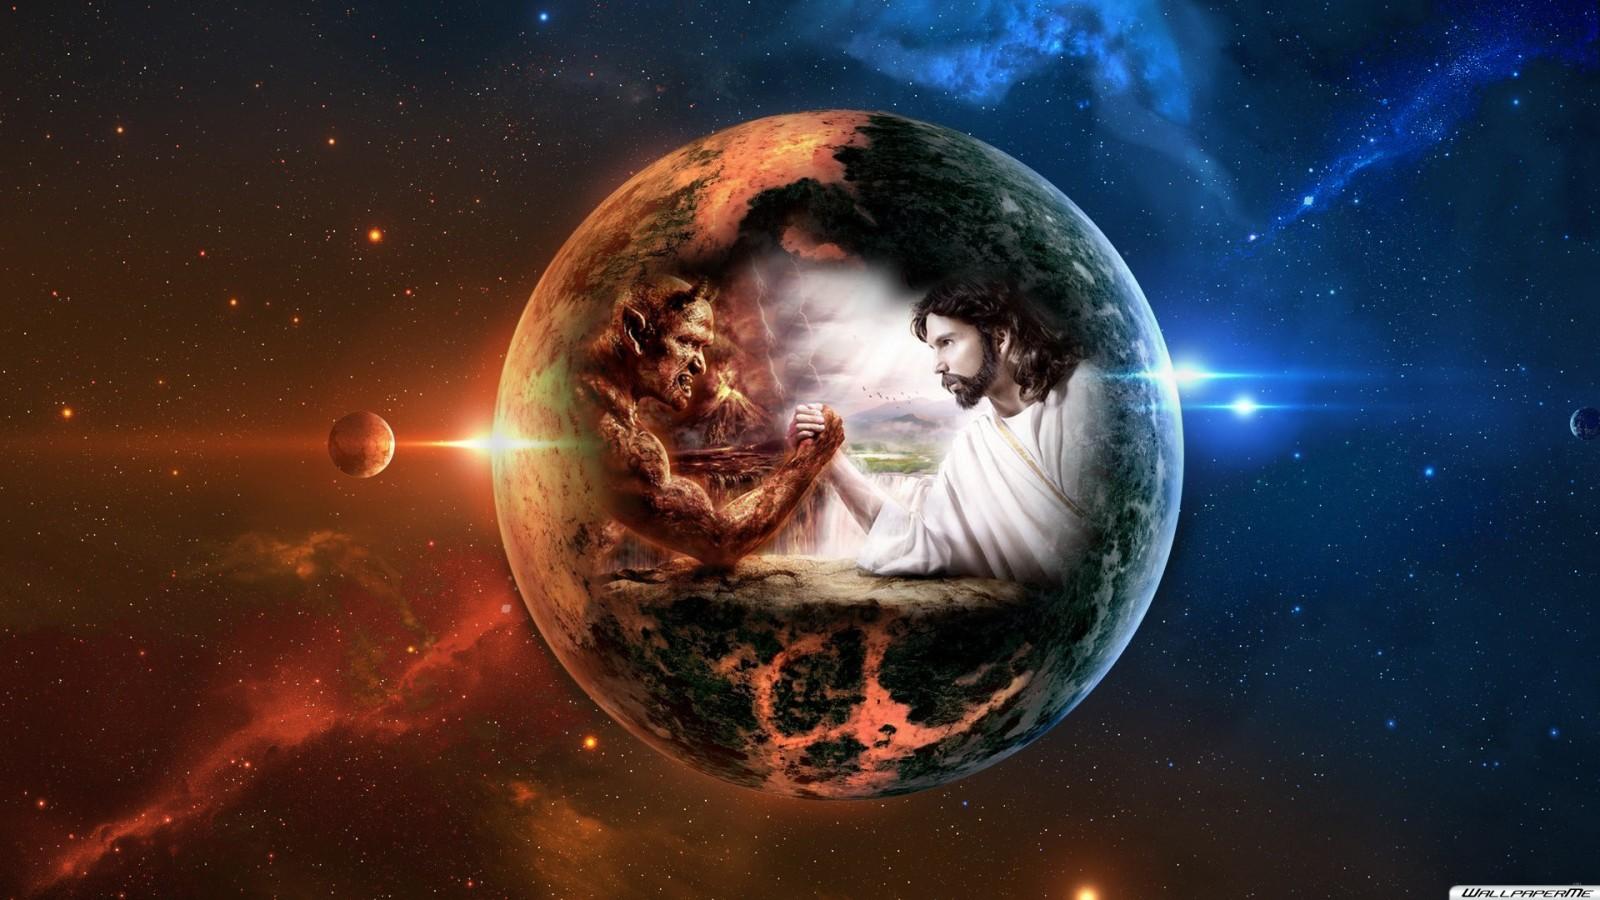 God vs Devil 1600x900 Wallpaper | Hintergrundbilder